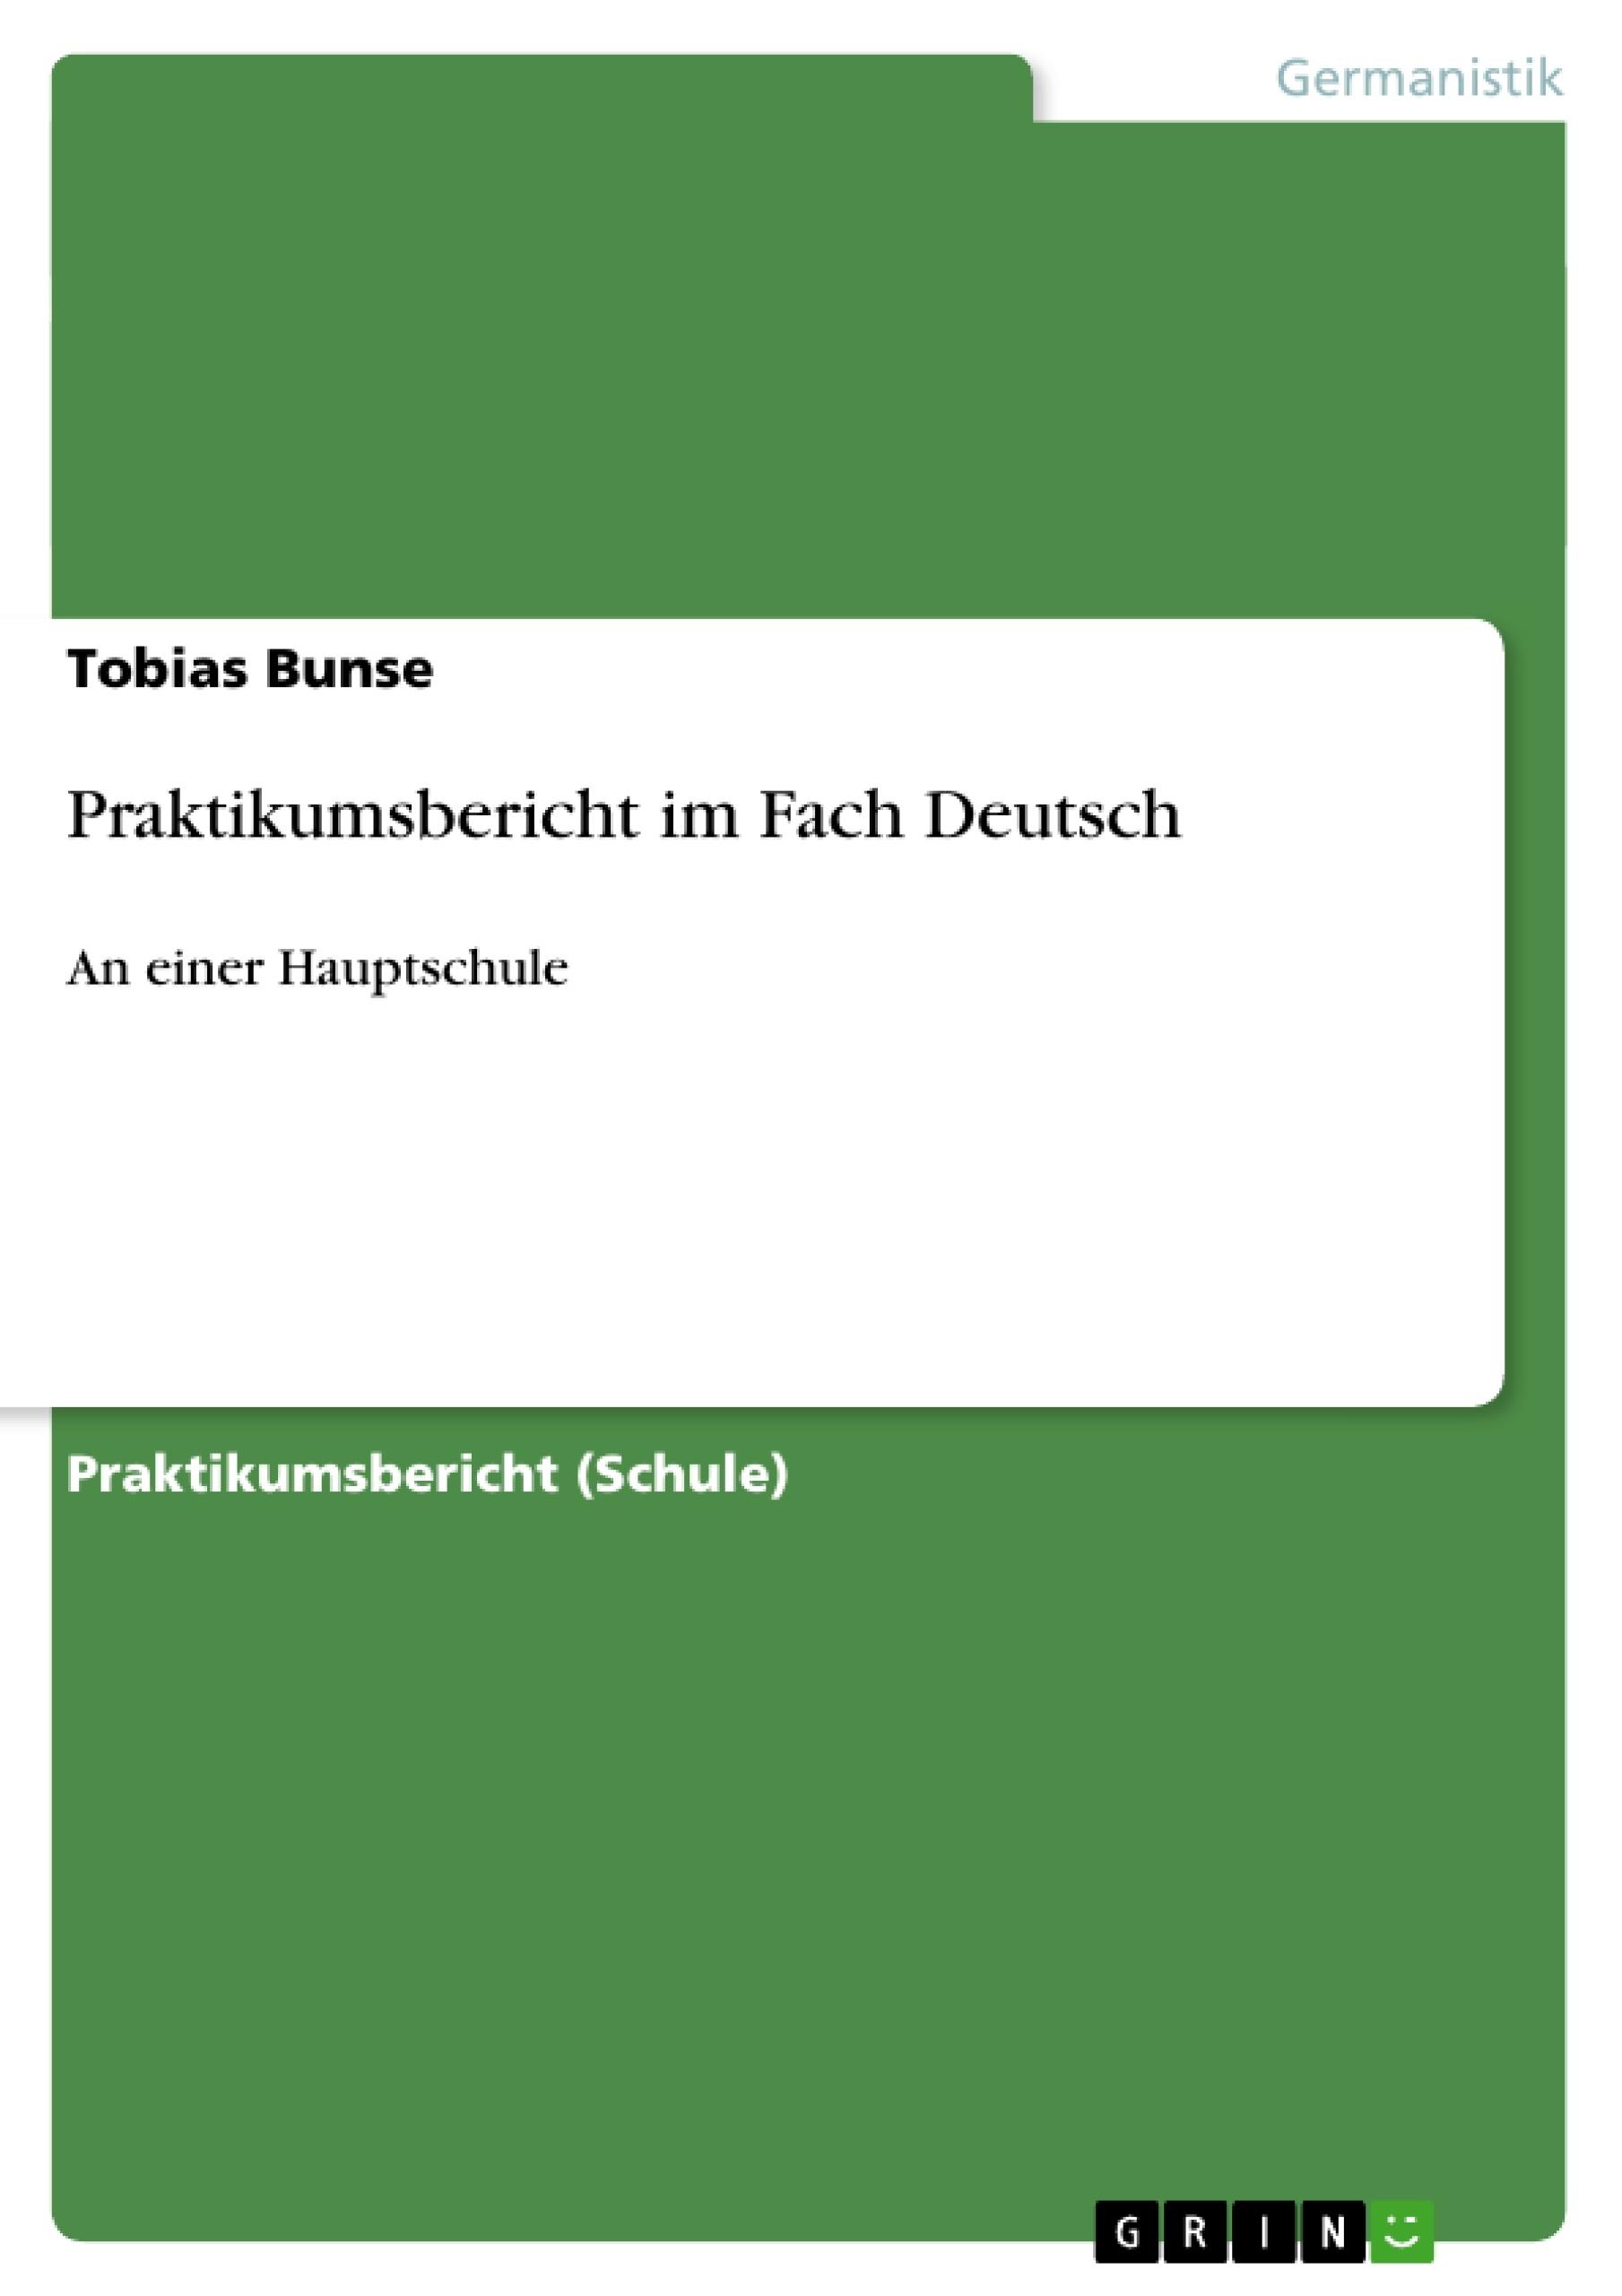 Titel: Praktikumsbericht im Fach Deutsch